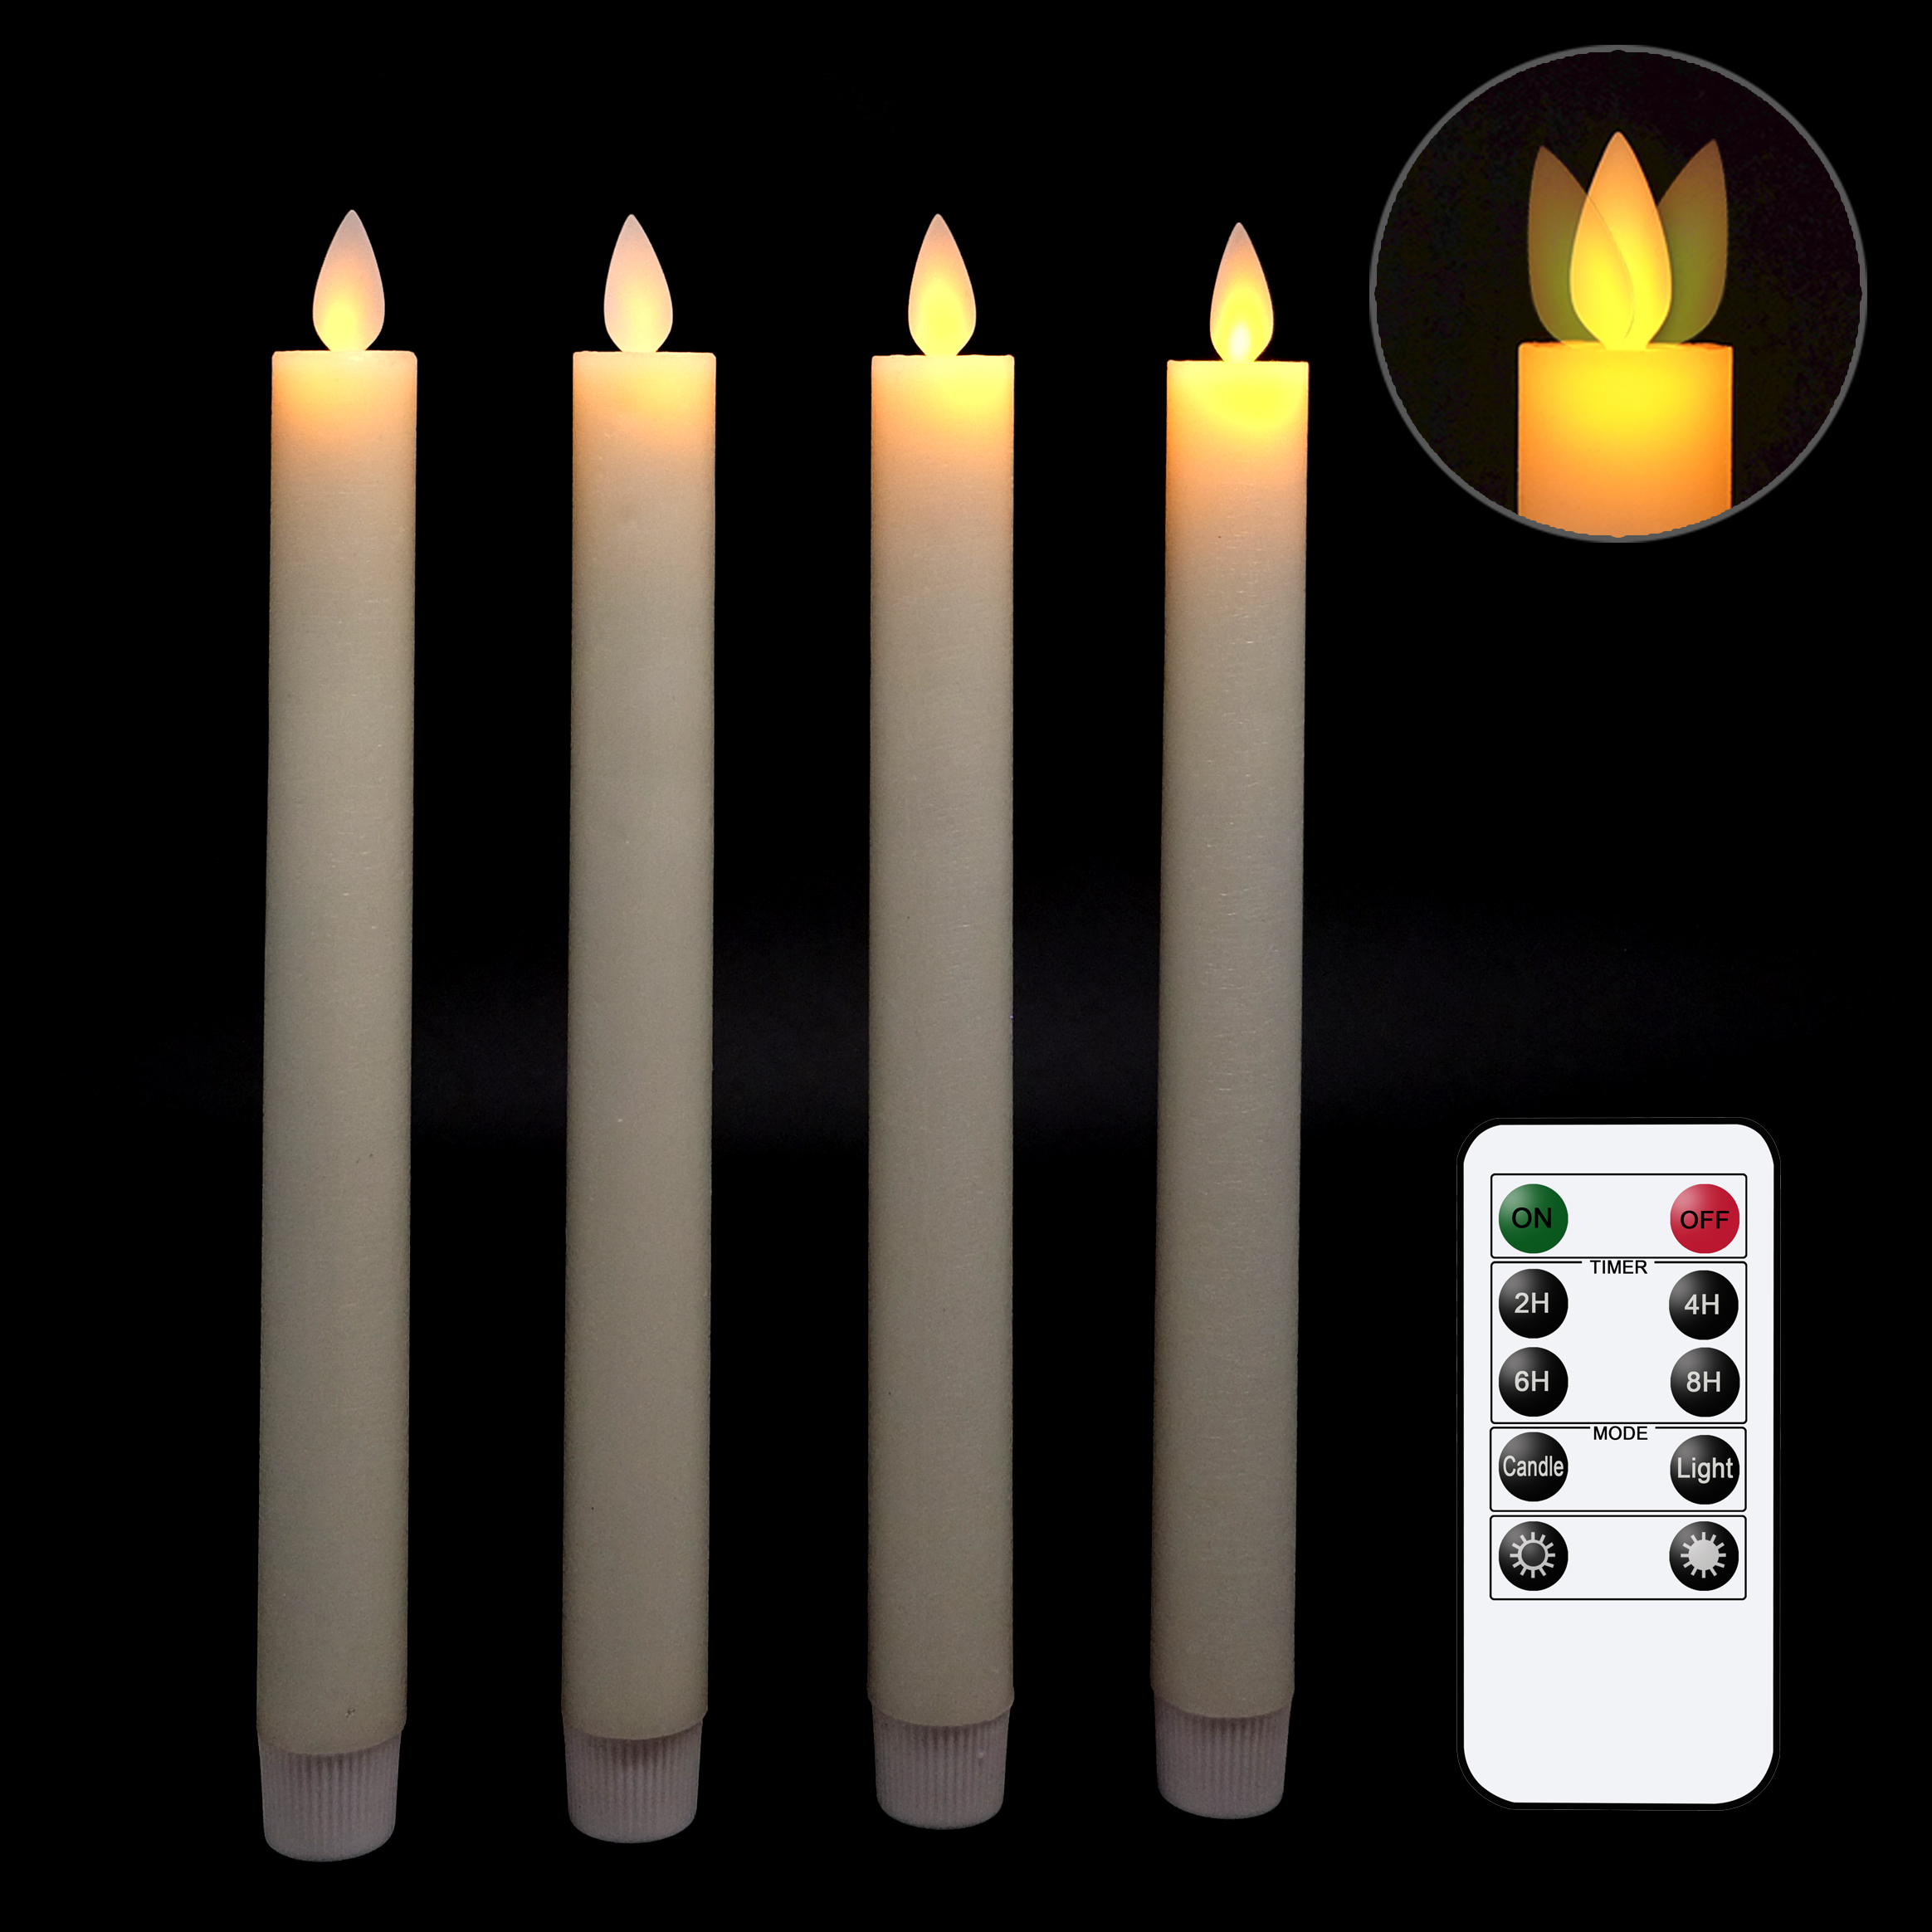 Bougies sans flamme bougies coniques vacillantes vraies bougies coniques sans flamme bougie LED à mèche mobile avec minuterie et télécommande